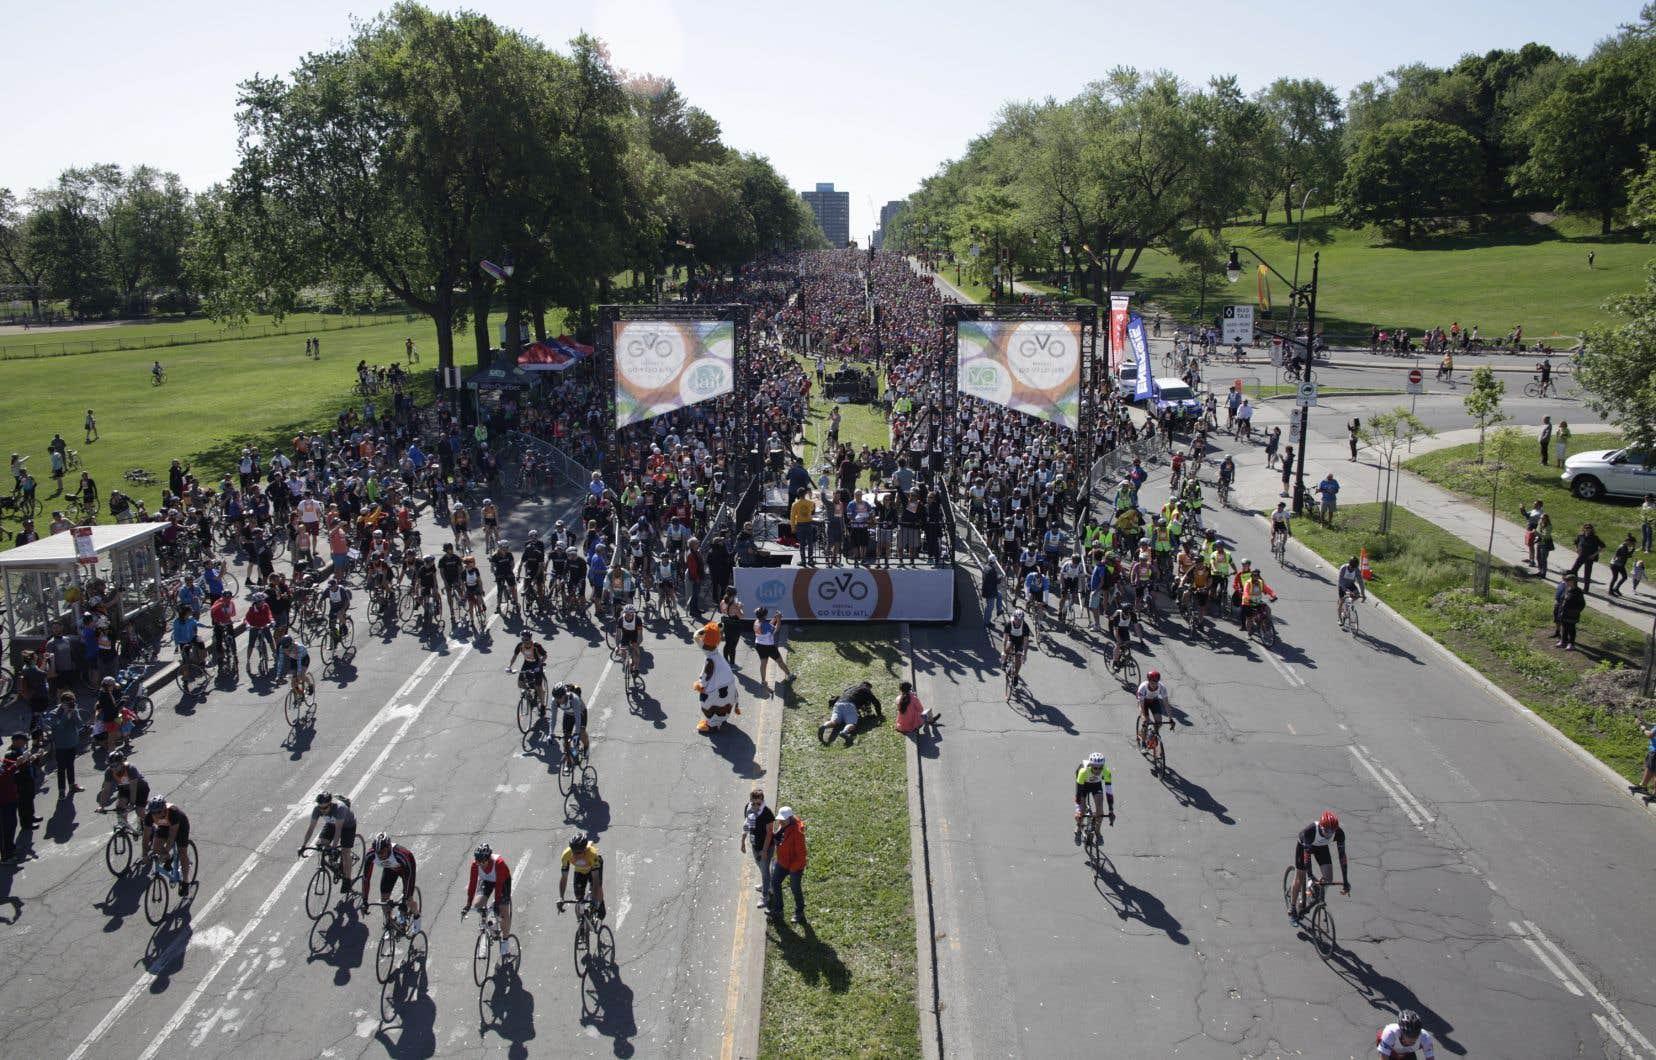 Sous un soleil radieux, les cyclistes ont pris d'assaut les rues de la métropole dès 9h15.